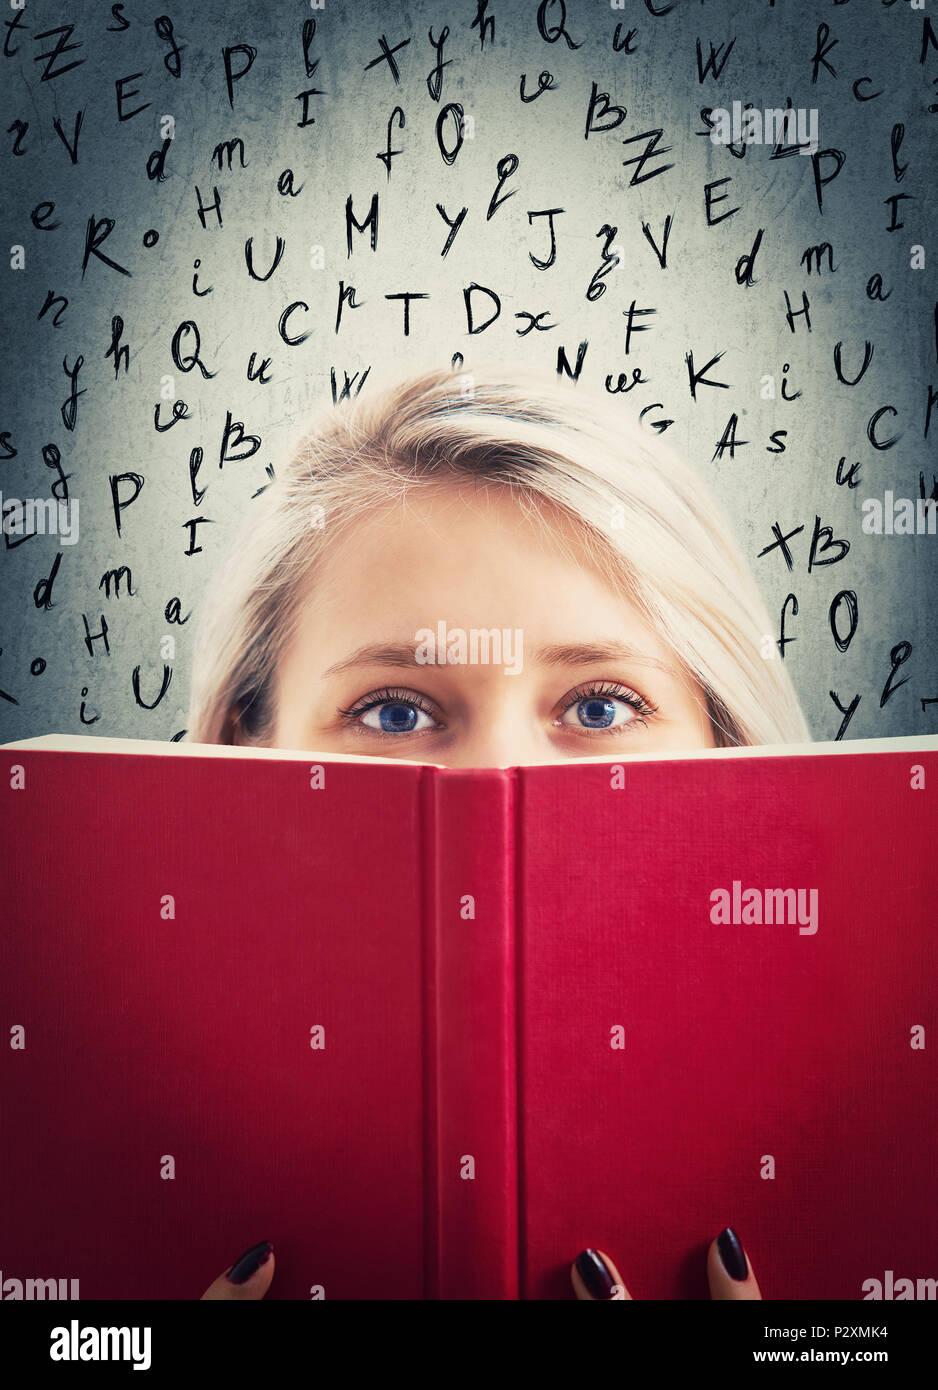 Close Up retrato de pretty girl estudiante rojo escondiéndose detrás de un libro abierto con las letras del alfabeto relativos en el fondo. Misteriosa y tímida mujer mantenga Imagen De Stock